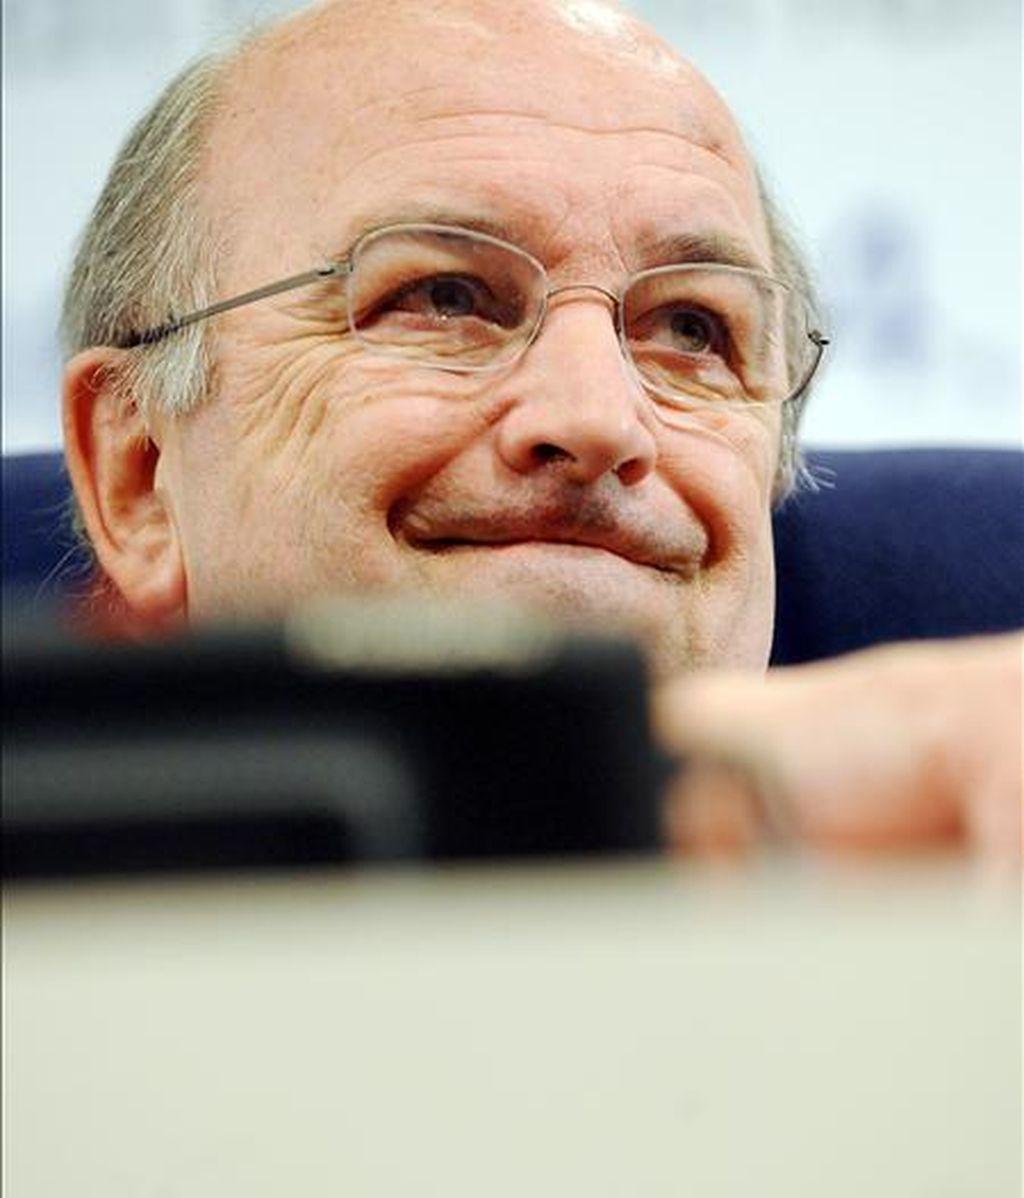 El comisario de Asuntos Económicos y Monetarios de la Unión Europea, Joaquín Almunia. EFE/Archivo